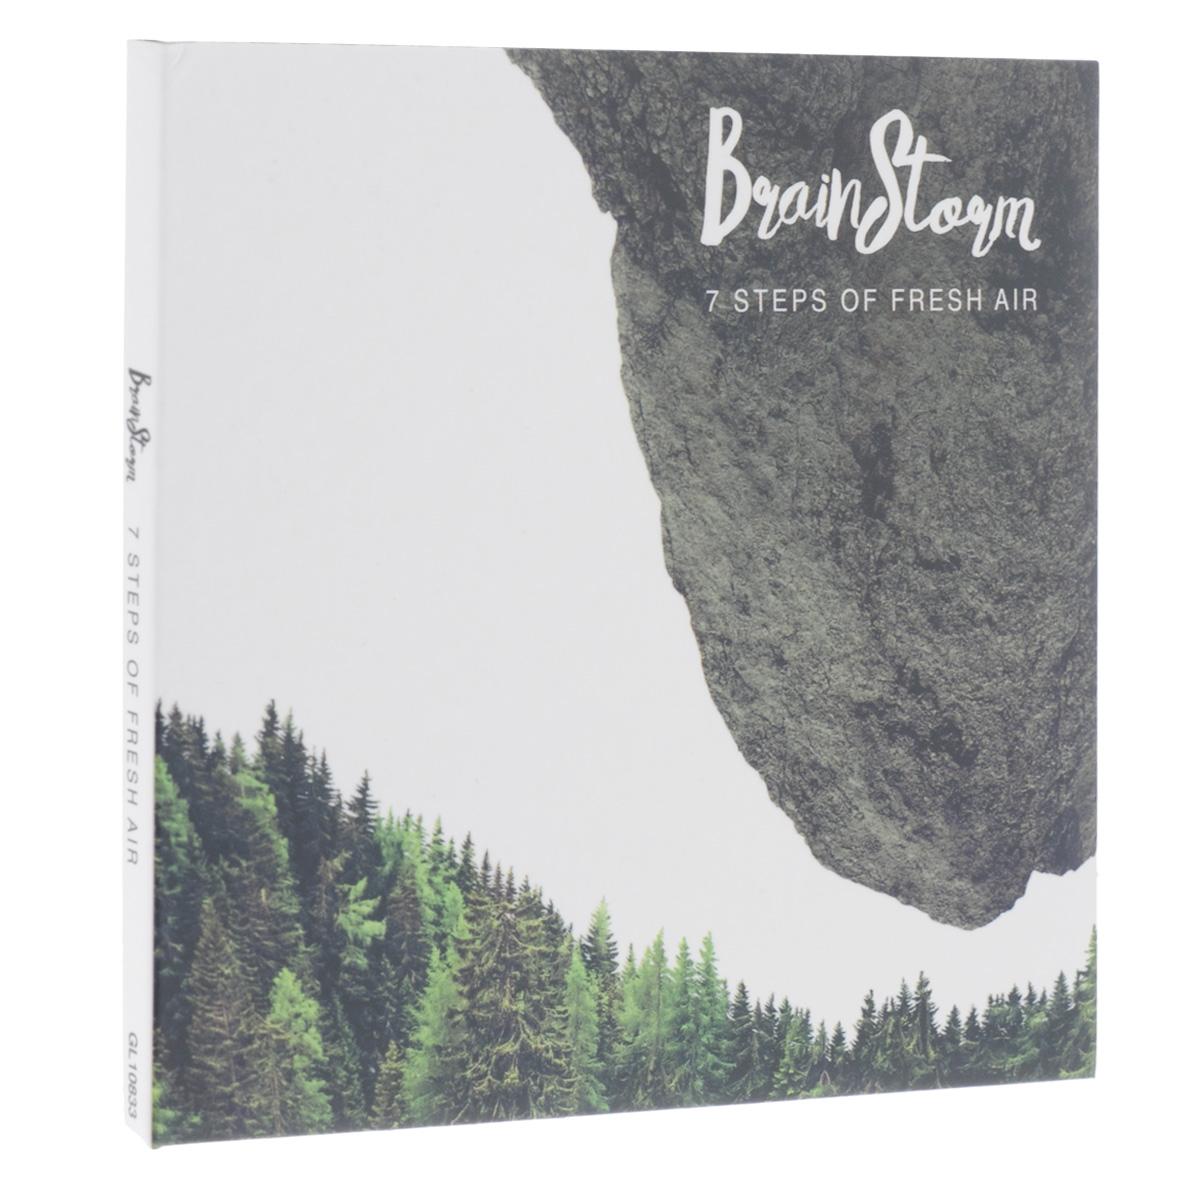 Издание содержит 12-страничный буклет с фотографиями и текстами песен на английском и русском языках.